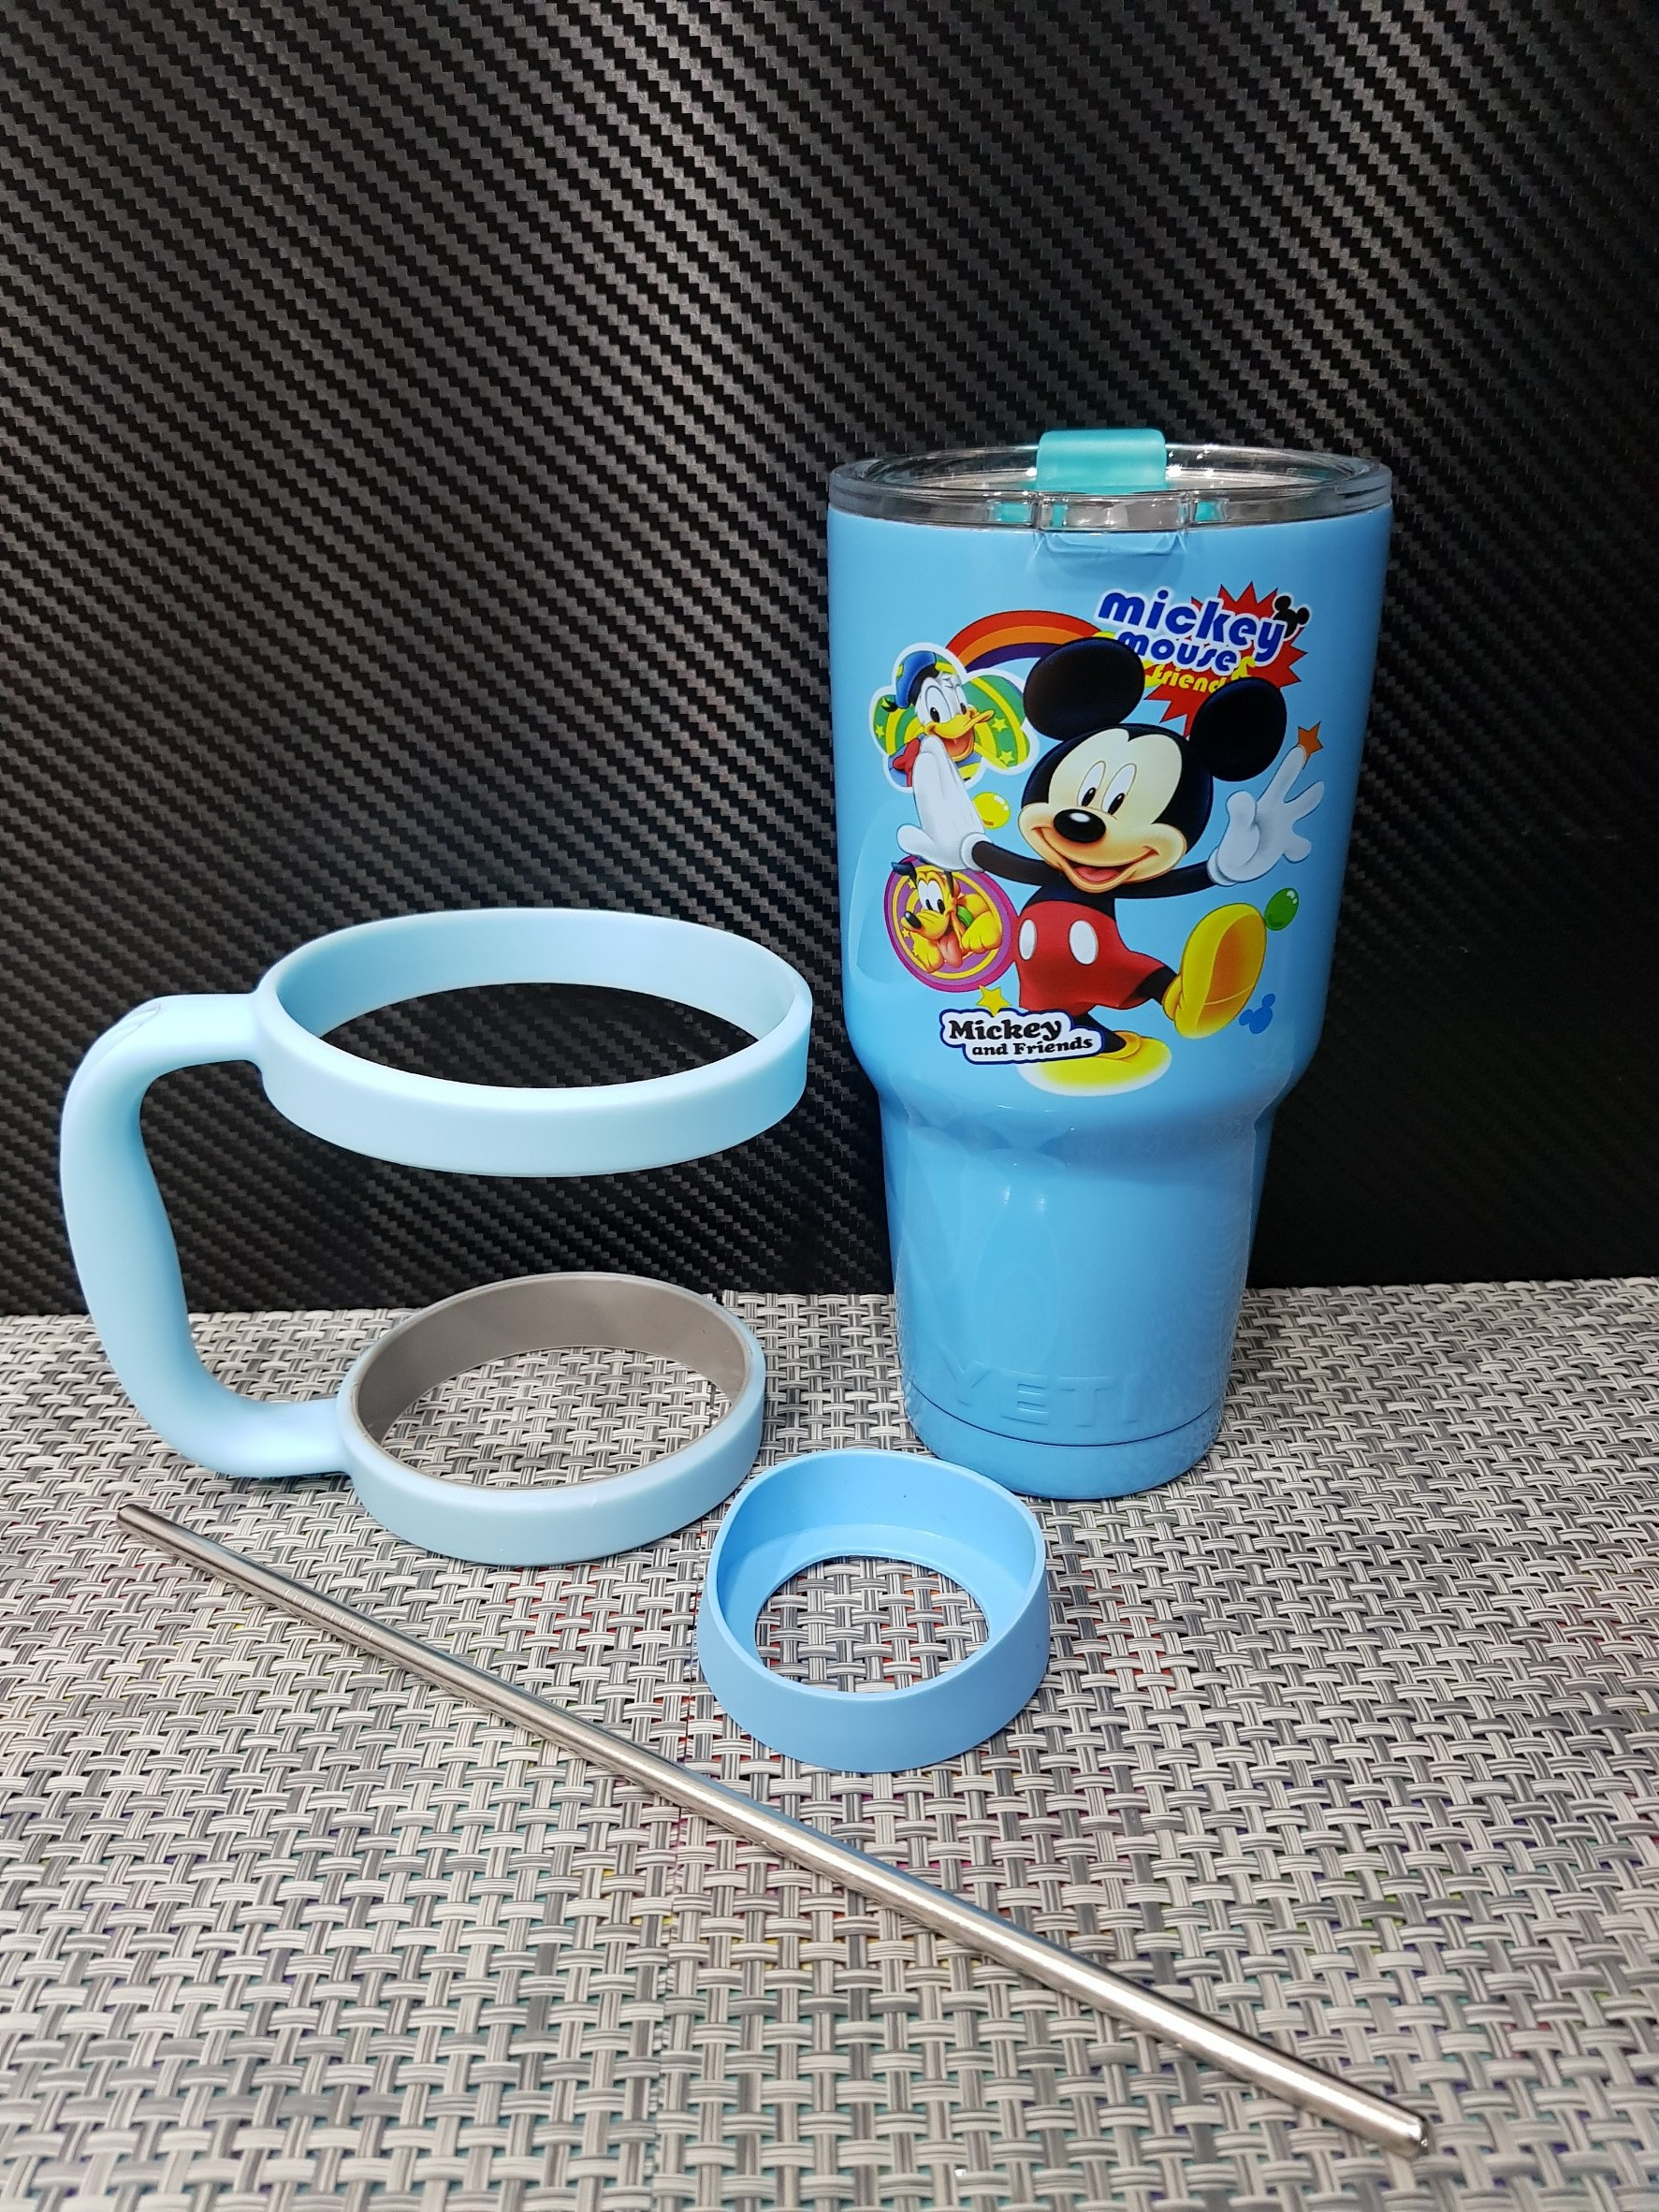 ชุดแก้วเยติ 30 ออนซ์ พื้นสีฟ้า ลายการ์ตูน มิกกี้เม้าส์และโดนันดั๊ก